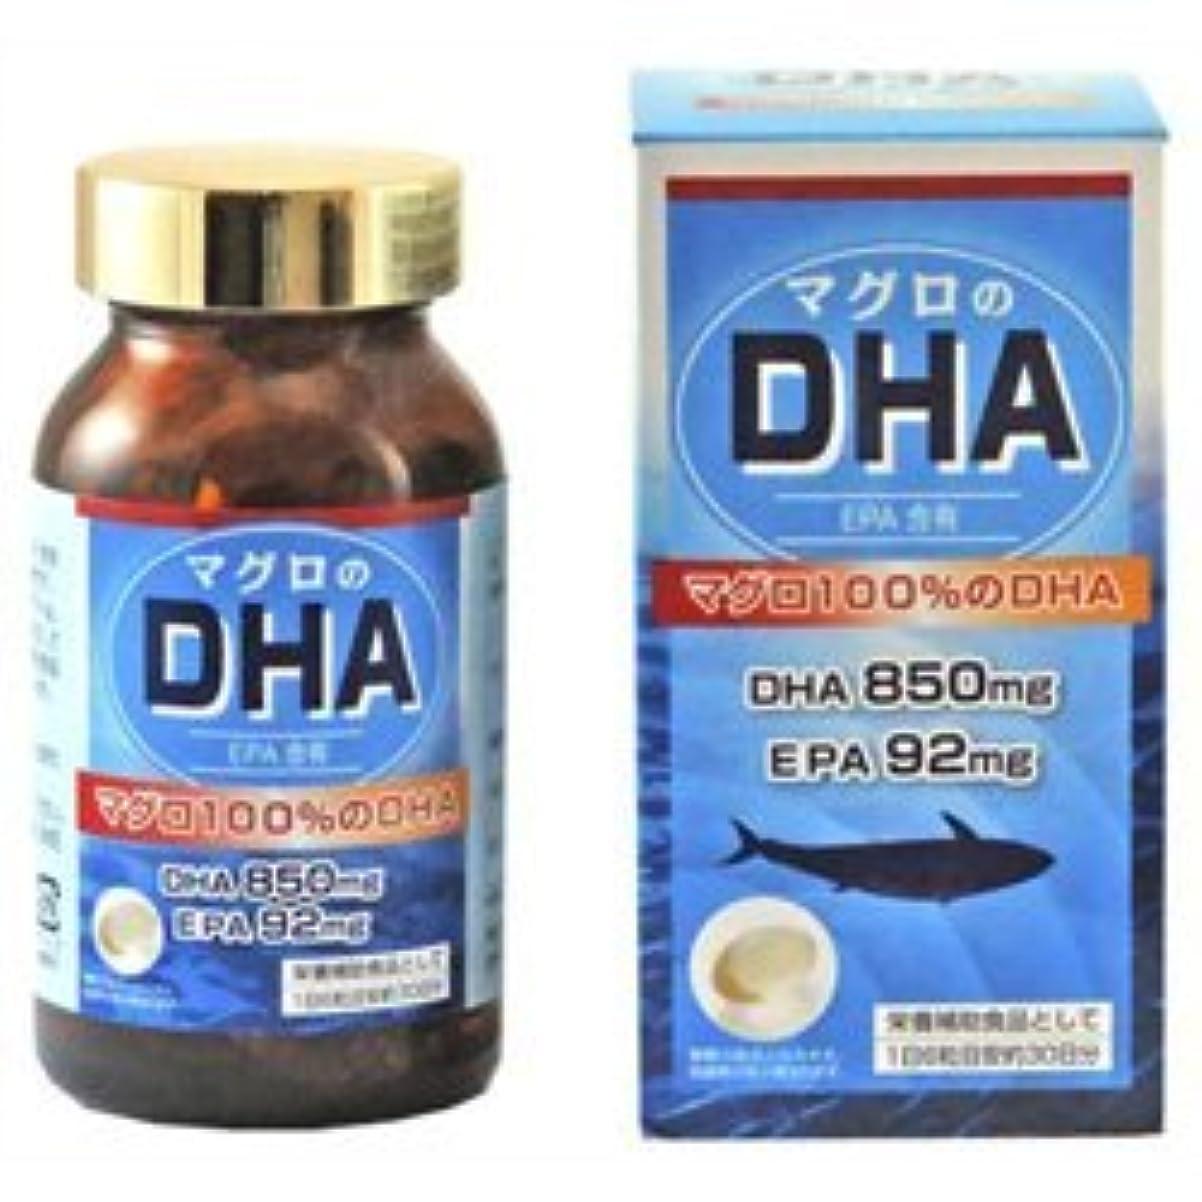 官僚付き添い人残忍な【ユニマットリケン】DHA850 180粒 ×10個セット